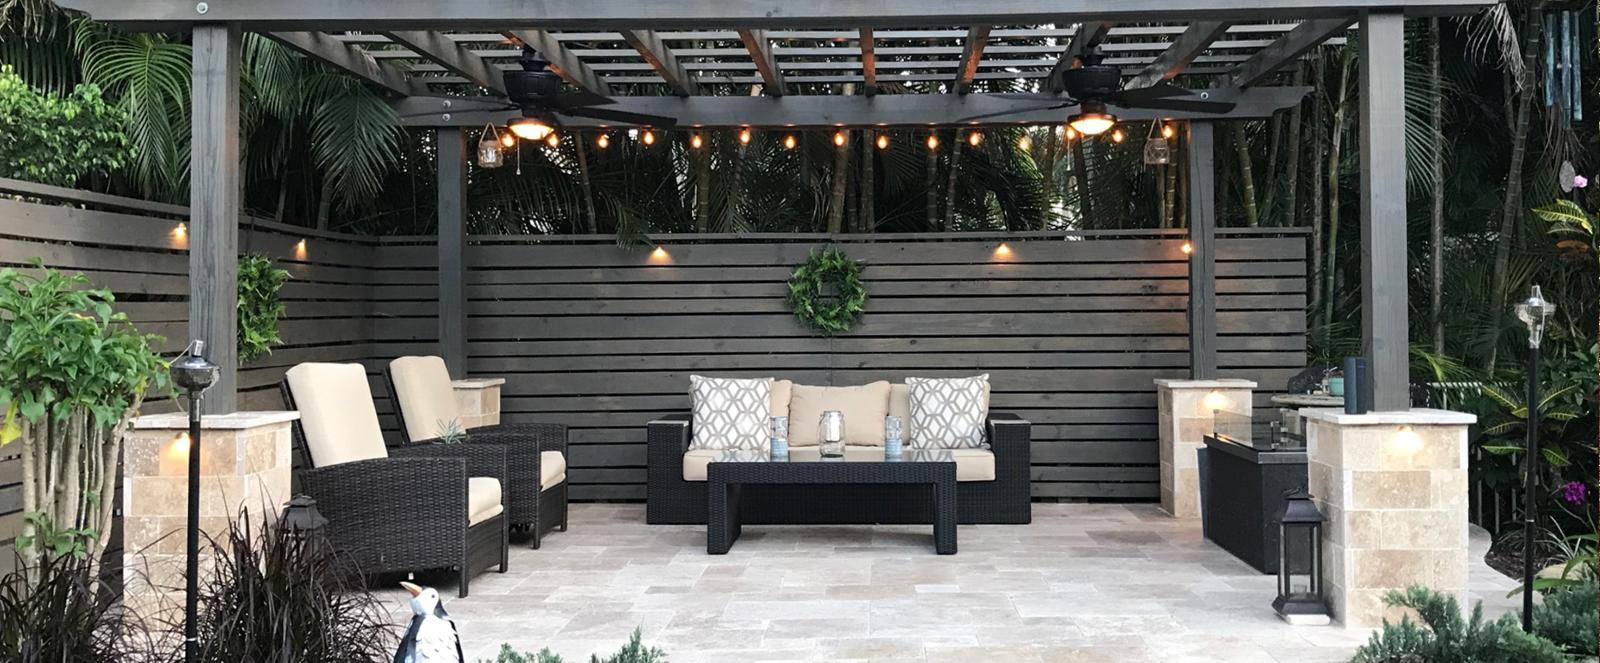 outdoor sitting area under a pergola